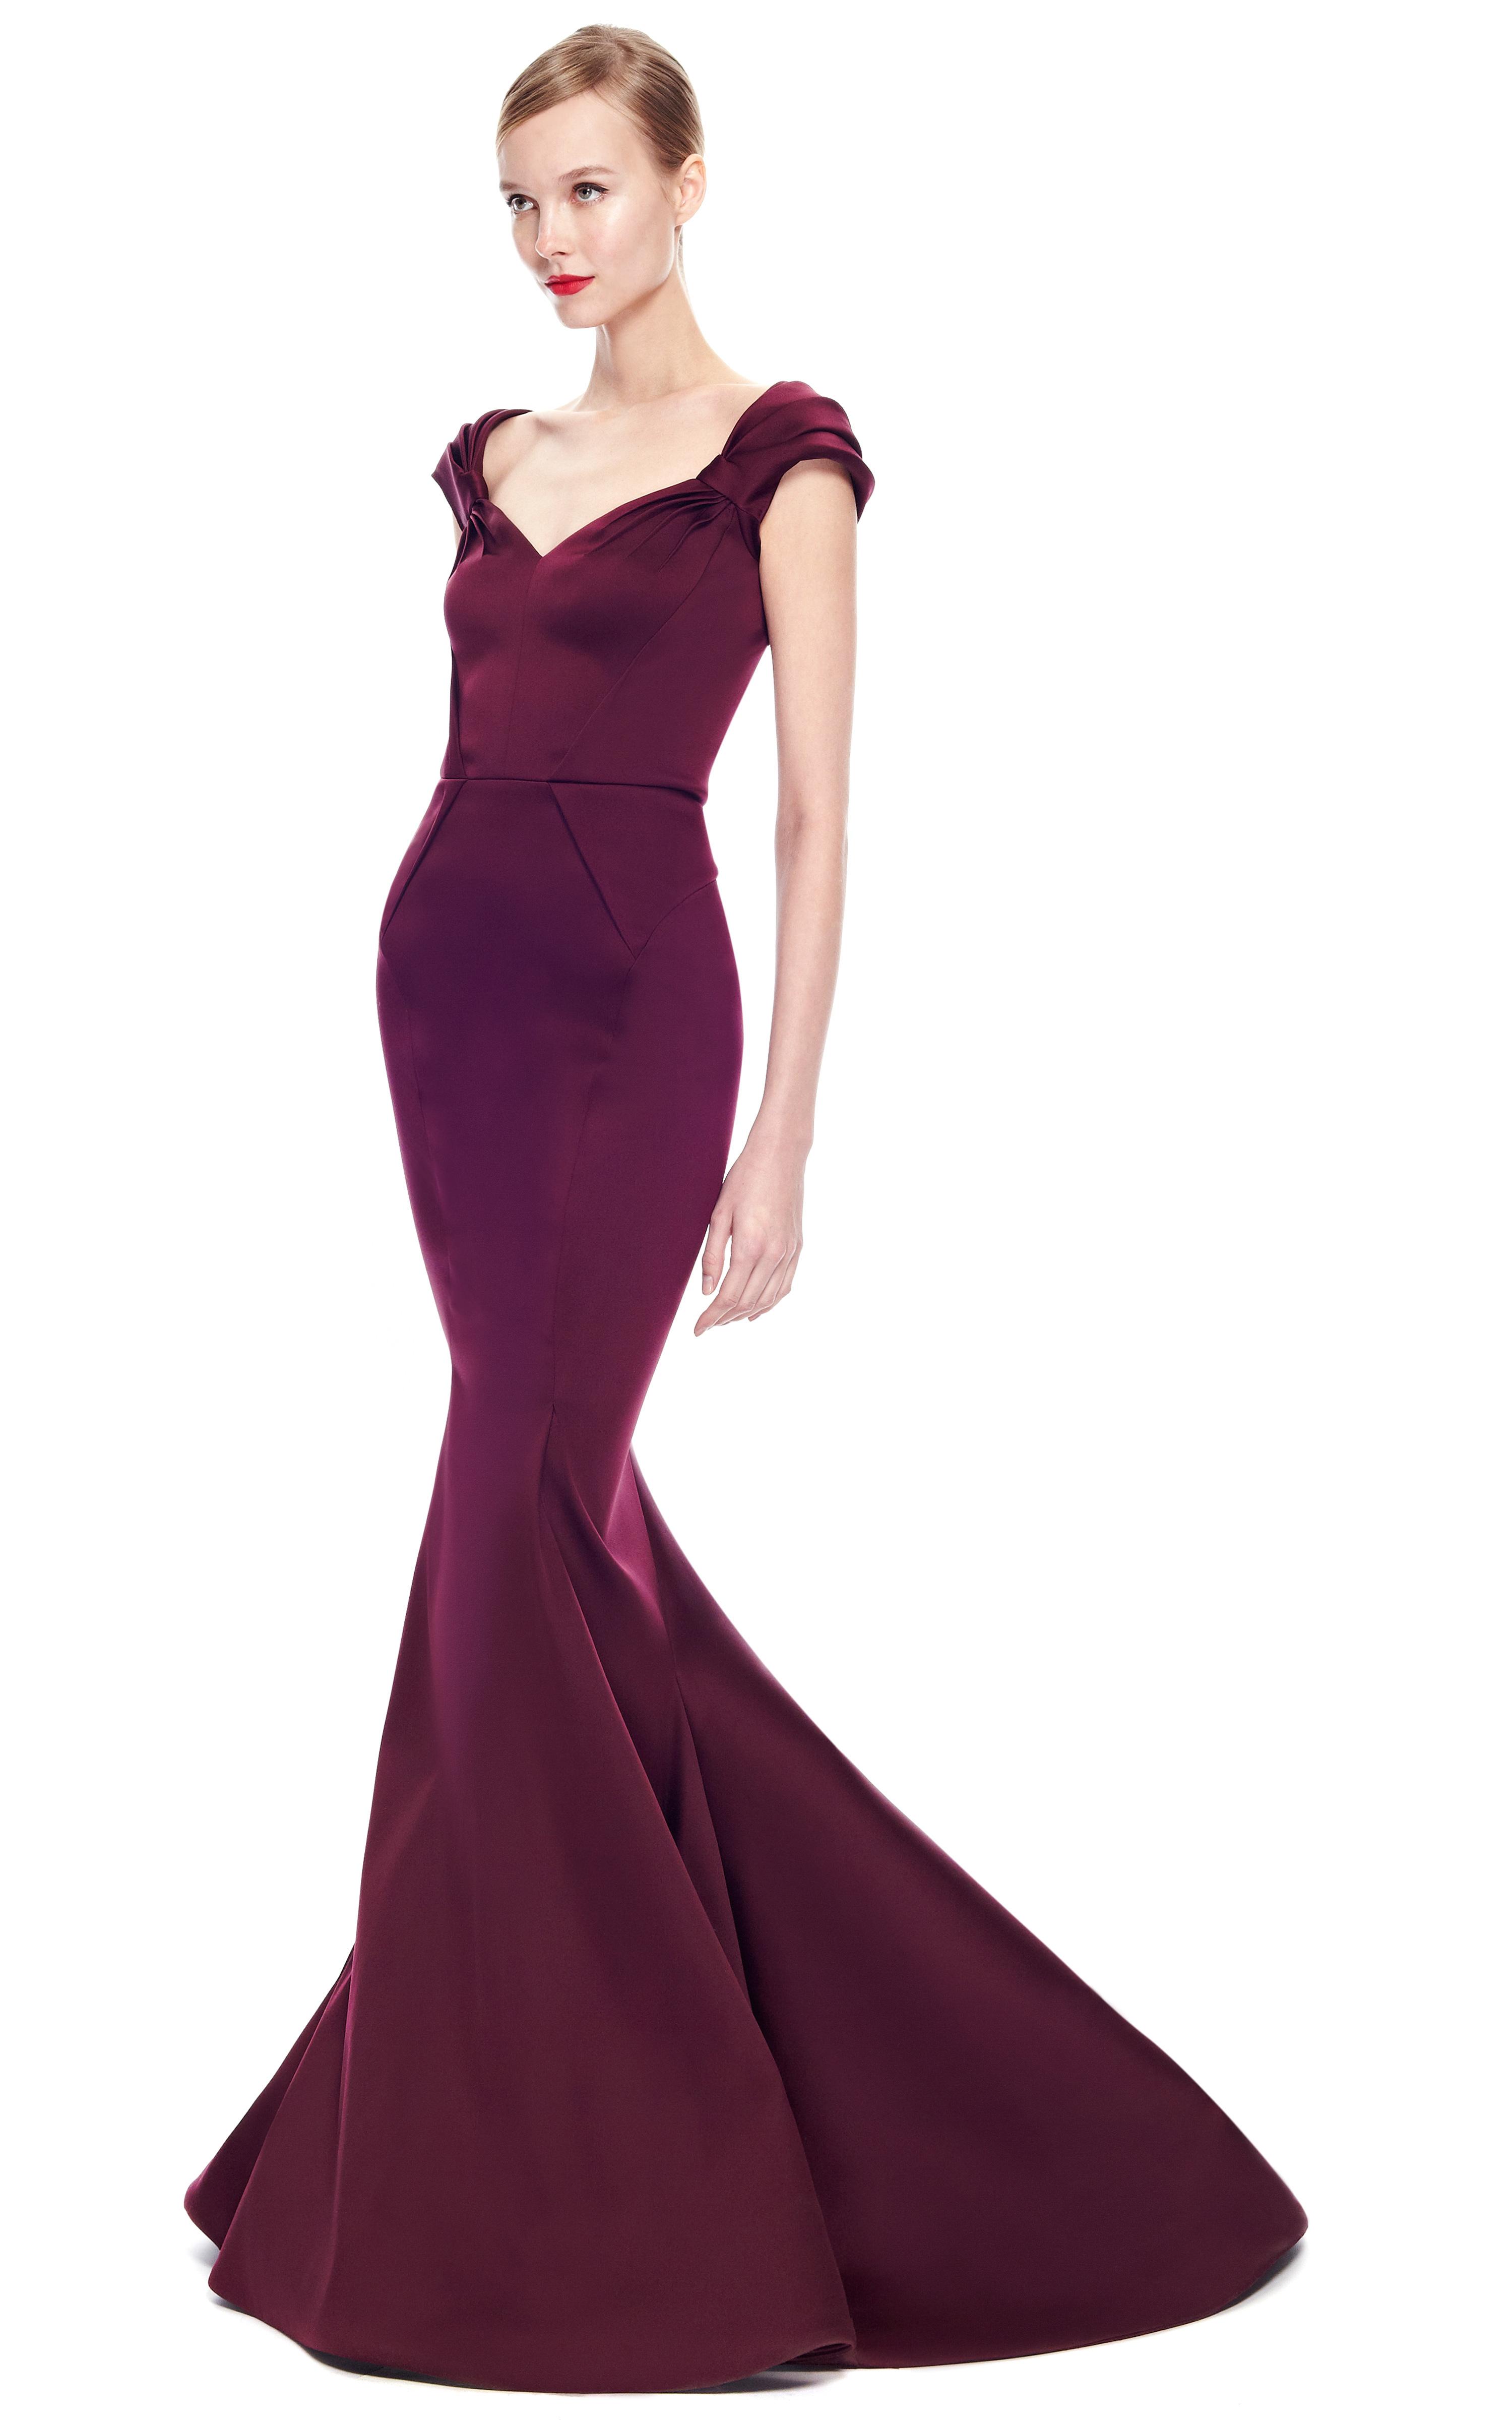 Lyst - Zac Posen Stretch Duchess Offtheshoulder Gown in Purple